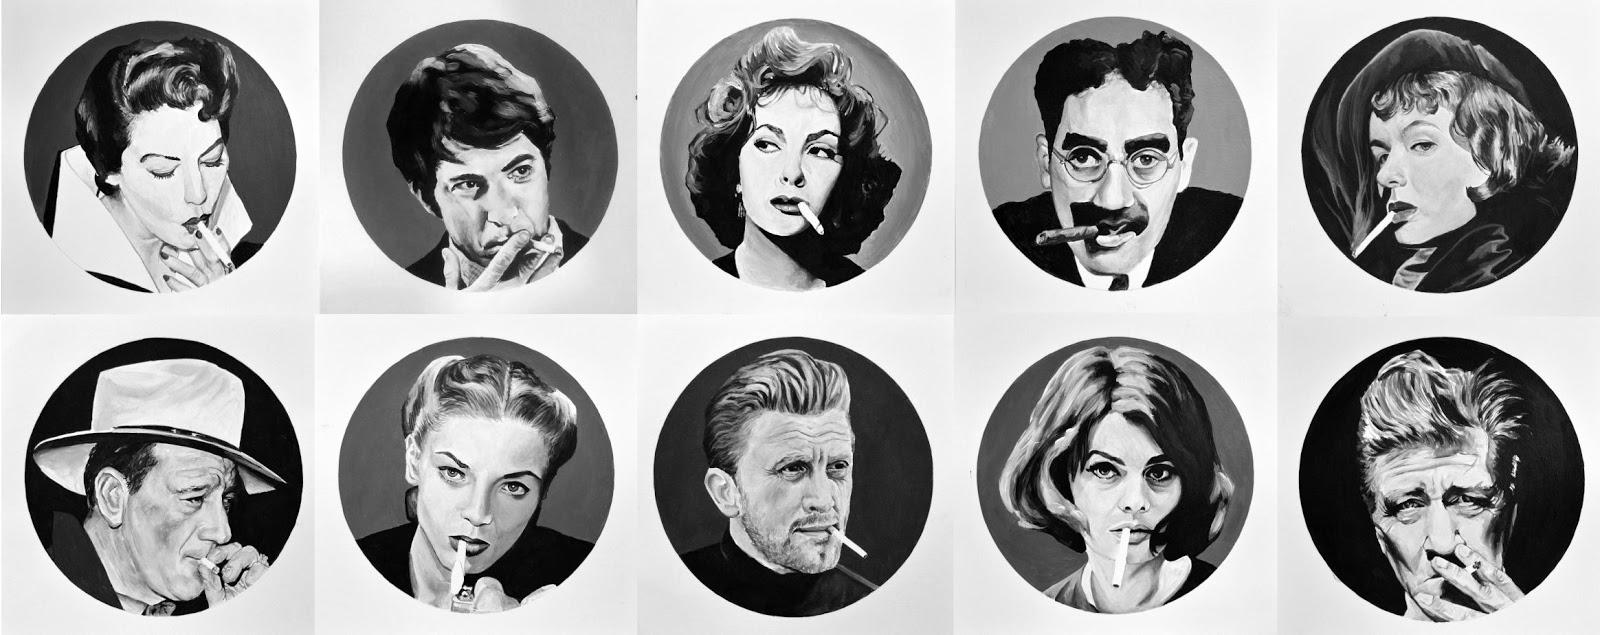 10 cuadros de película del pintor Roge Fdez - Viva Lugo